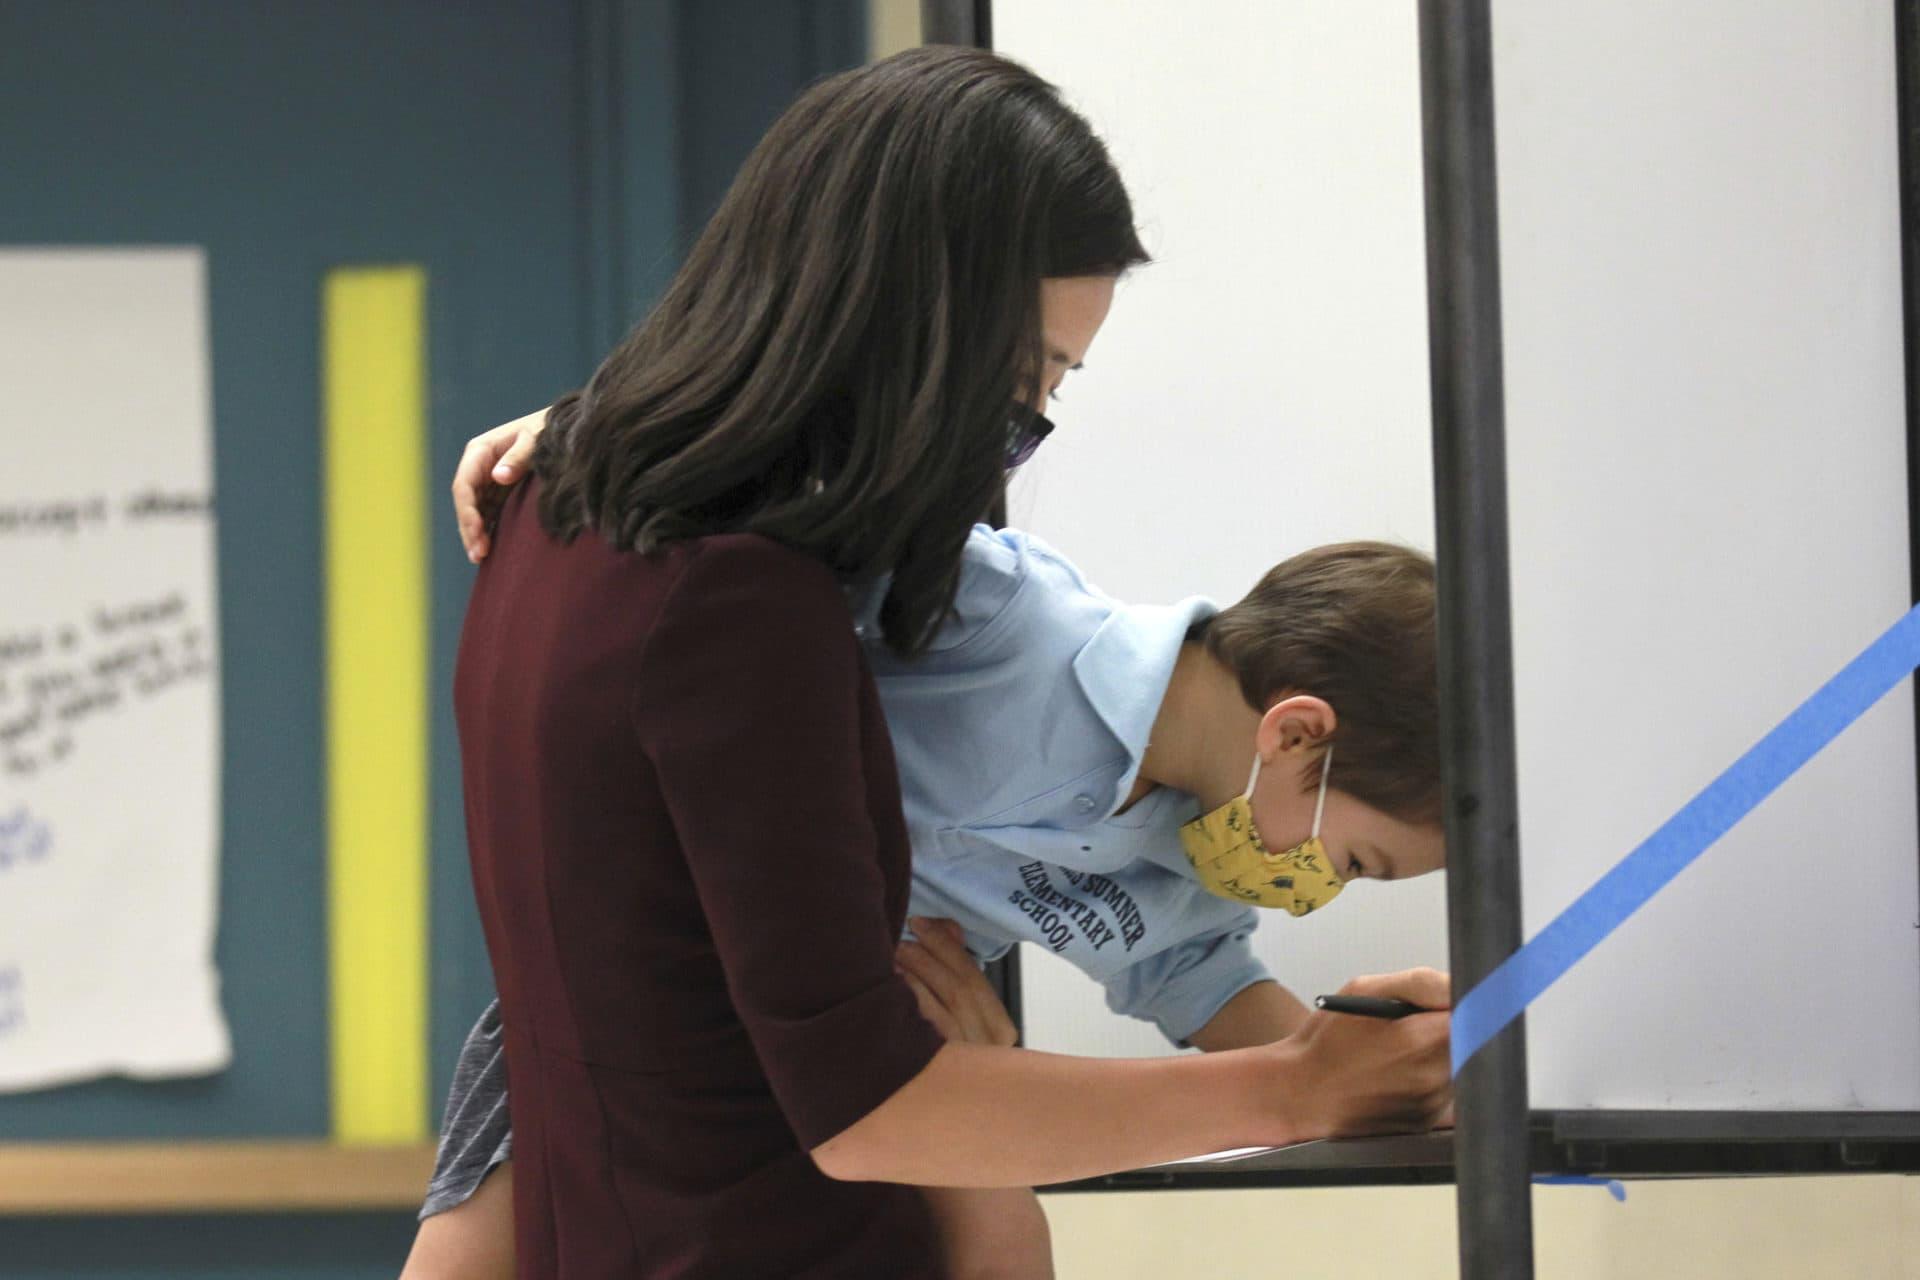 Michelle Wu llena su boleta en la carrera por la alcaldía mientras sostiene a su hijo Cass, de 4 años, en la escuela primaria Phineas Bates en Boston.  (Stew Milne / AP)